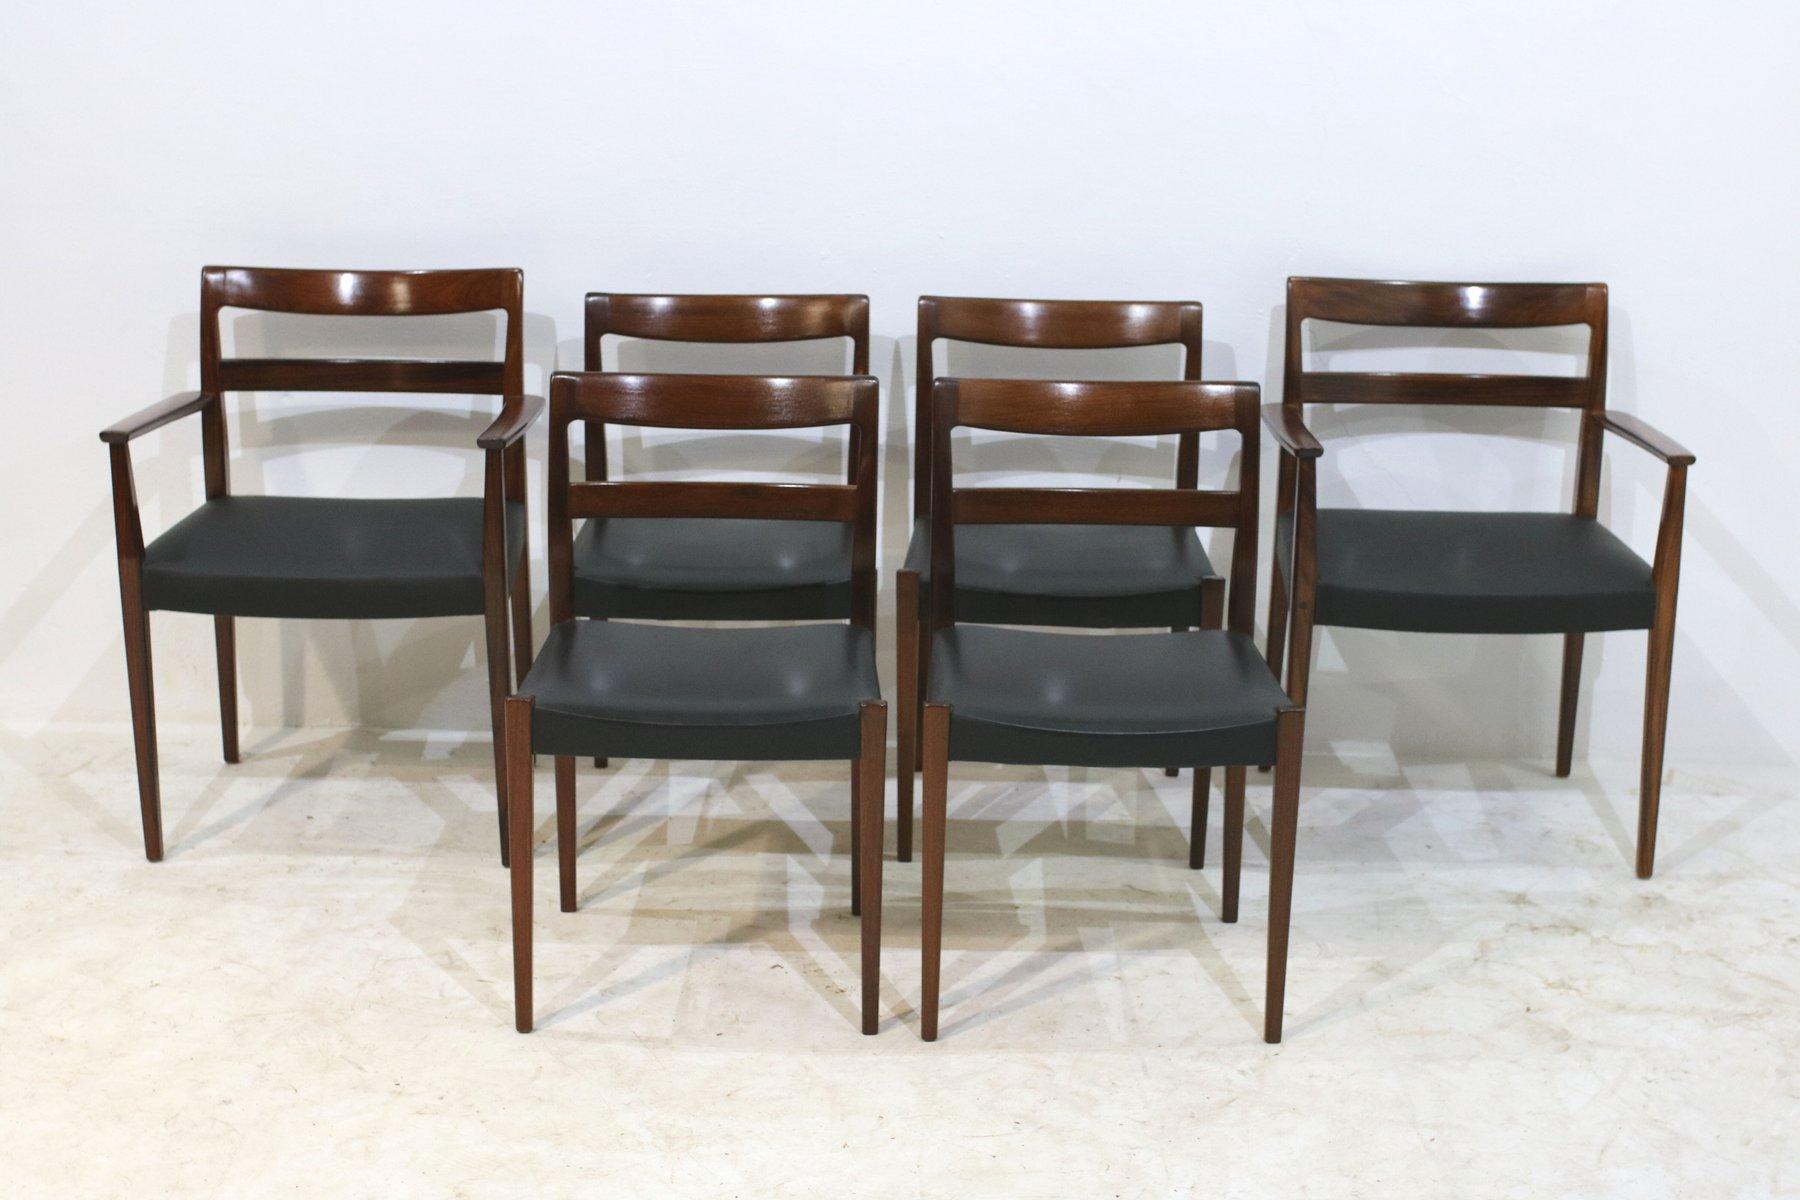 vintage garmi esszimmer armlehnst hle von nils jonsson f r troeds 6er set bei pamono kaufen. Black Bedroom Furniture Sets. Home Design Ideas